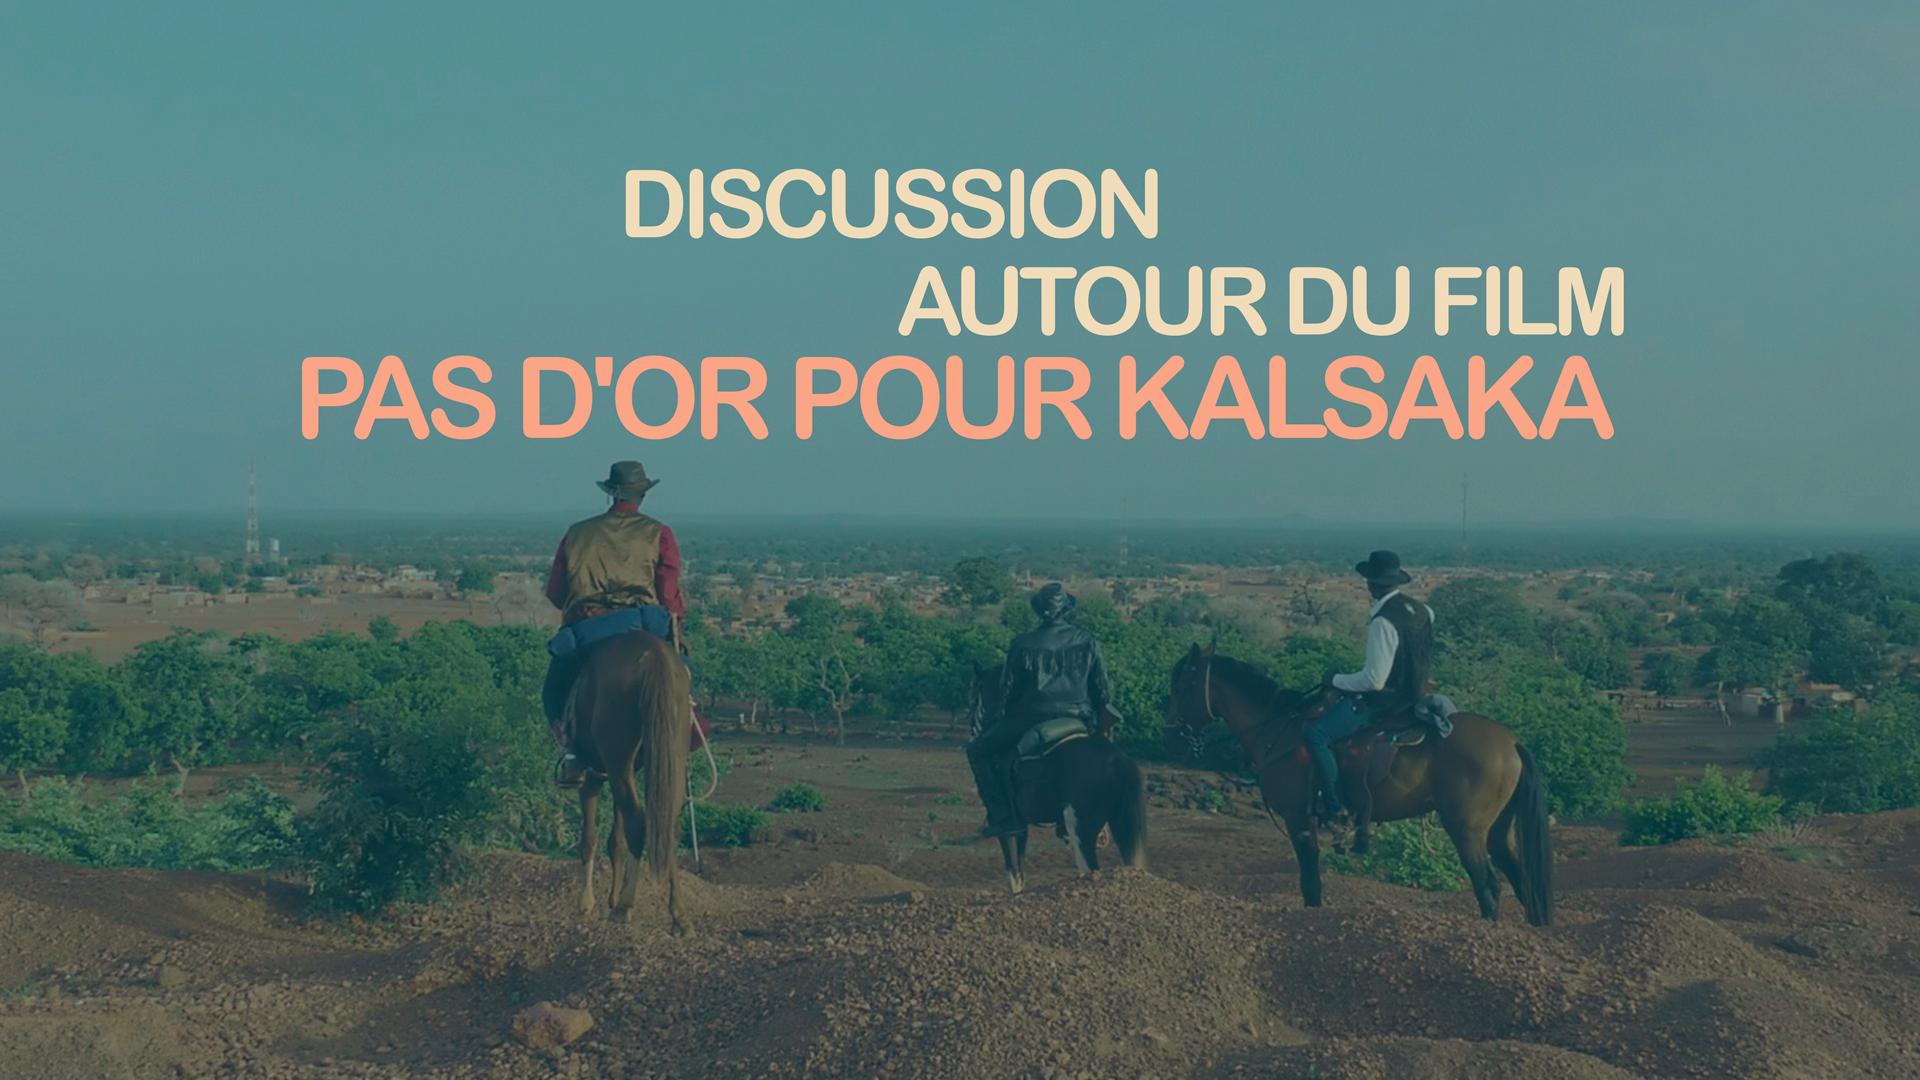 bandeaux_discussion_PAS_D_OR.png